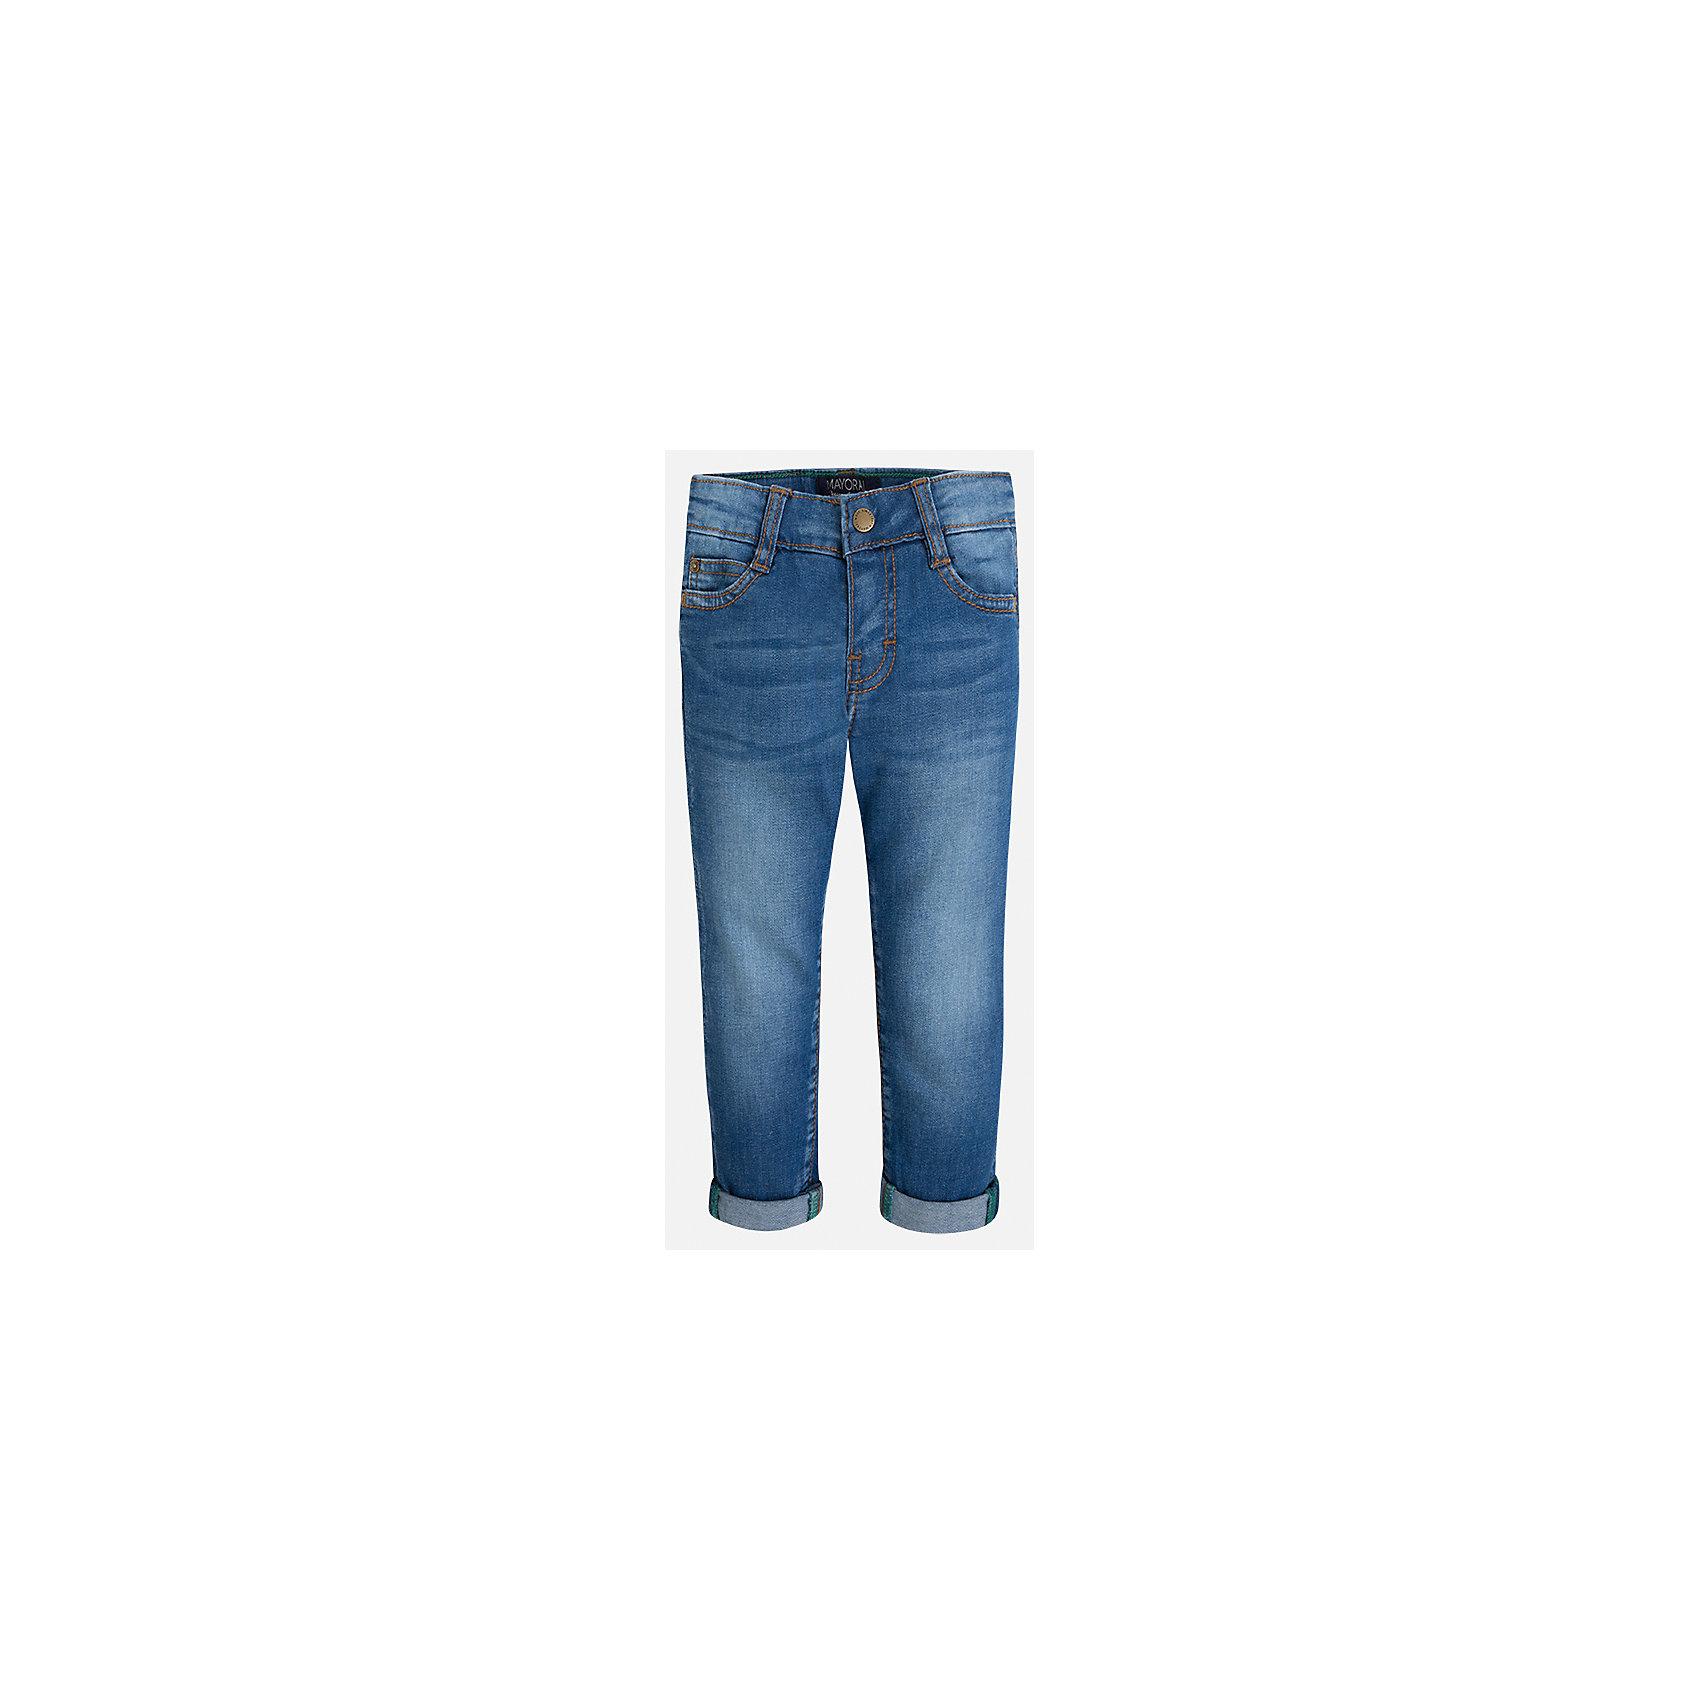 Джинсы для мальчика MayoralДжинсы<br>Характеристики товара:<br><br>• цвет: синий<br>• состав: 97% хлопок, 3% эластан<br>• имитация потертости<br>• шлевки<br>• карманы<br>• отвороты<br>• классический силуэт<br>• страна бренда: Испания<br><br>Модные брюки для мальчика смогут стать базовой вещью в гардеробе ребенка. Они отлично сочетаются с майками, футболками, рубашками и т.д. Универсальный крой и цвет позволяет подобрать к вещи верх разных расцветок. Практичное и стильное изделие! В составе материала - натуральный хлопок, гипоаллергенный, приятный на ощупь, дышащий.<br><br>Одежда, обувь и аксессуары от испанского бренда Mayoral полюбились детям и взрослым по всему миру. Модели этой марки - стильные и удобные. Для их производства используются только безопасные, качественные материалы и фурнитура. Порадуйте ребенка модными и красивыми вещами от Mayoral! <br><br>Брюки для мальчика от испанского бренда Mayoral (Майорал) можно купить в нашем интернет-магазине.<br><br>Ширина мм: 215<br>Глубина мм: 88<br>Высота мм: 191<br>Вес г: 336<br>Цвет: синий<br>Возраст от месяцев: 18<br>Возраст до месяцев: 24<br>Пол: Мужской<br>Возраст: Детский<br>Размер: 92,134,128,122,116,110,104,98<br>SKU: 5278098